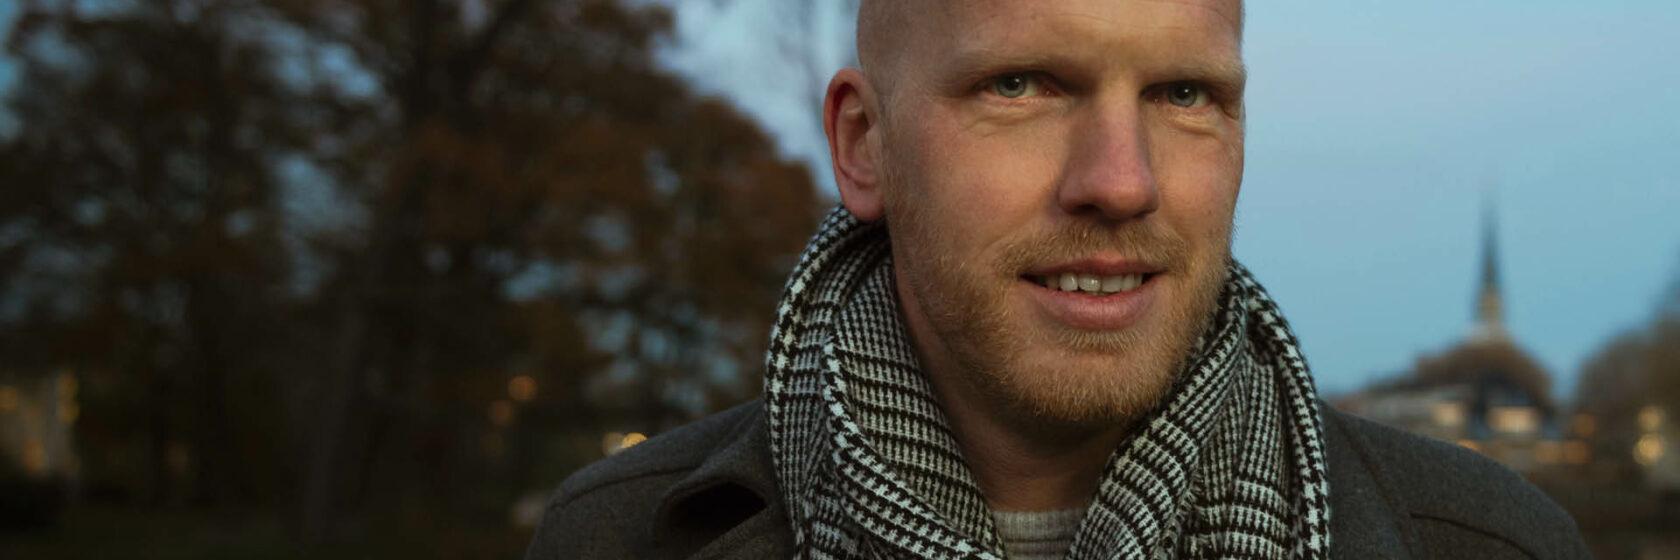 Sweco adviseur Thomas Braaksma in Stedelijke omgeving